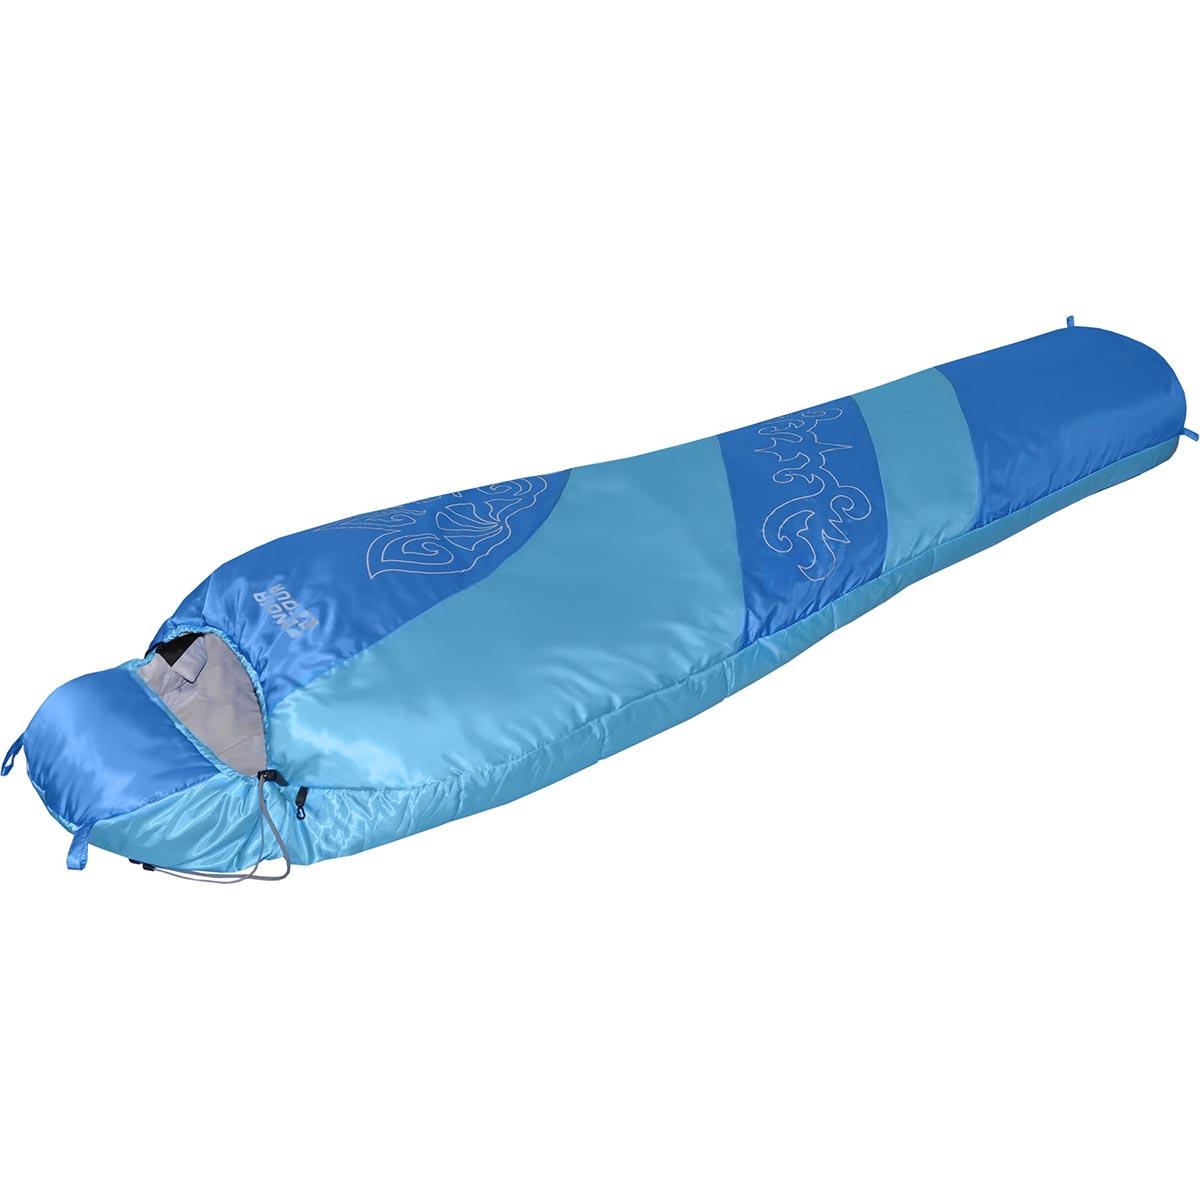 Мешок NOVA TOUR Сахалин 0 V2, цвет: голубой, синий, белый, правосторонняя молния010-01199-23Демисезонный спальный мешок NOVA TOUR Сахалин 0 V2 имеет конструкцию кокон. Наполнитель выполнен из синтетического наполнителя - холлофайбера. Мешок оснащен утягивающимся капюшоном и двухзамковой утепленной молнией, позволяющей состегнуть левосторонний и правосторонний спальные мешки в один двойной. Компрессионный чехол в комплекте.Компрессионный чехол в комплекте.Длина мешка: 220 см.